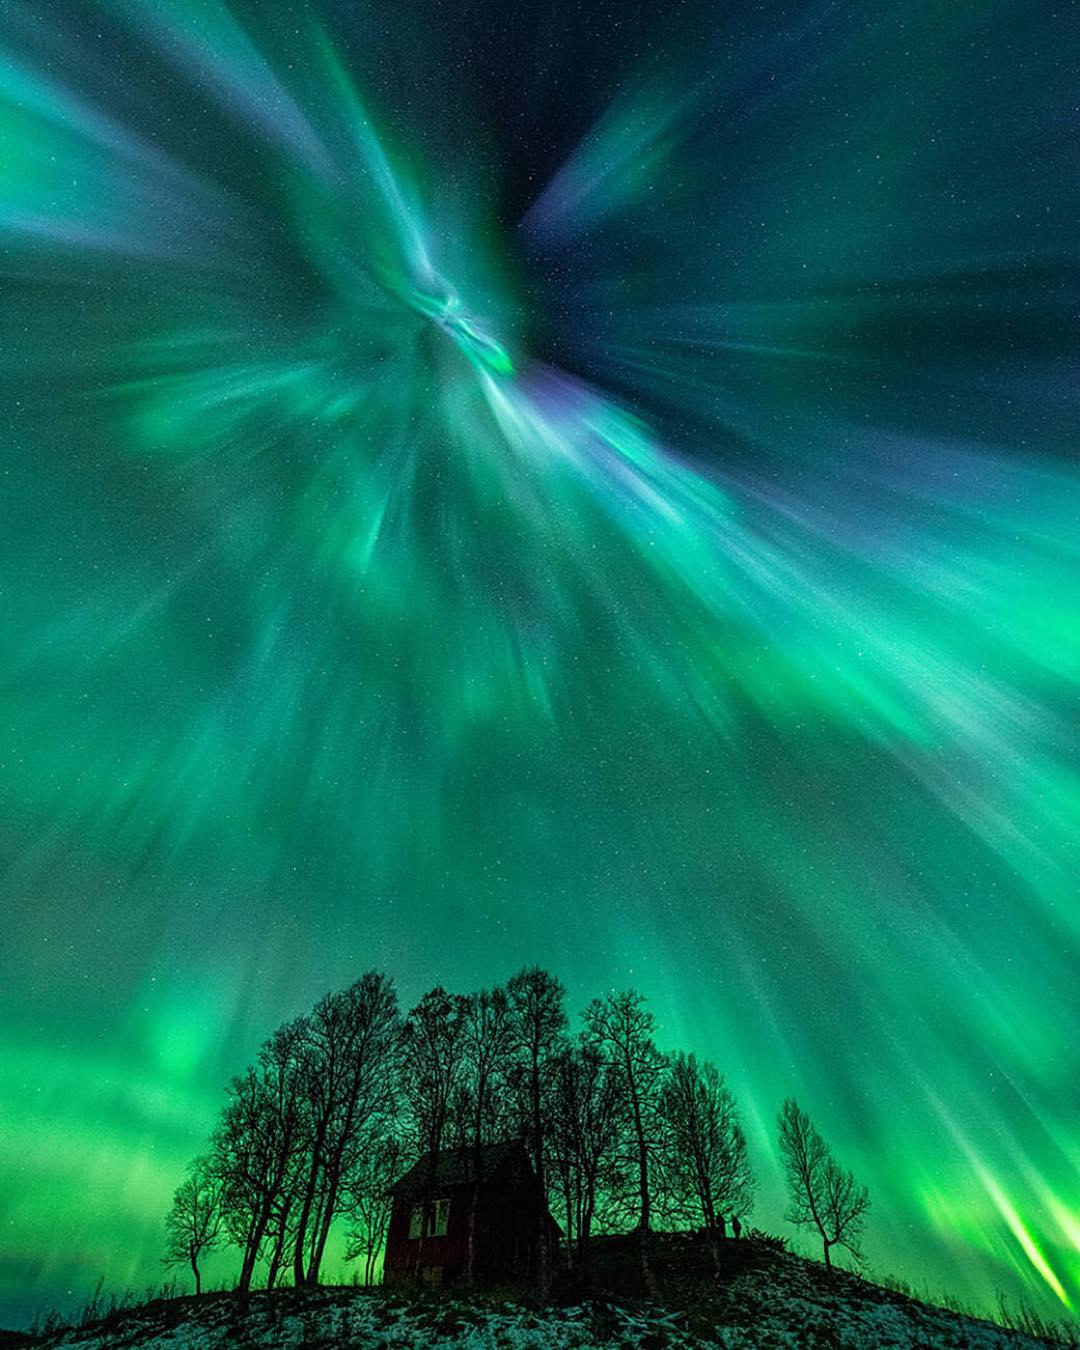 「在浩瀚的宇宙裡,我們只是渺小塵埃」:NASA 公布 2015 年最壯麗的 9 張天文景觀 ‧ A Day Magazine